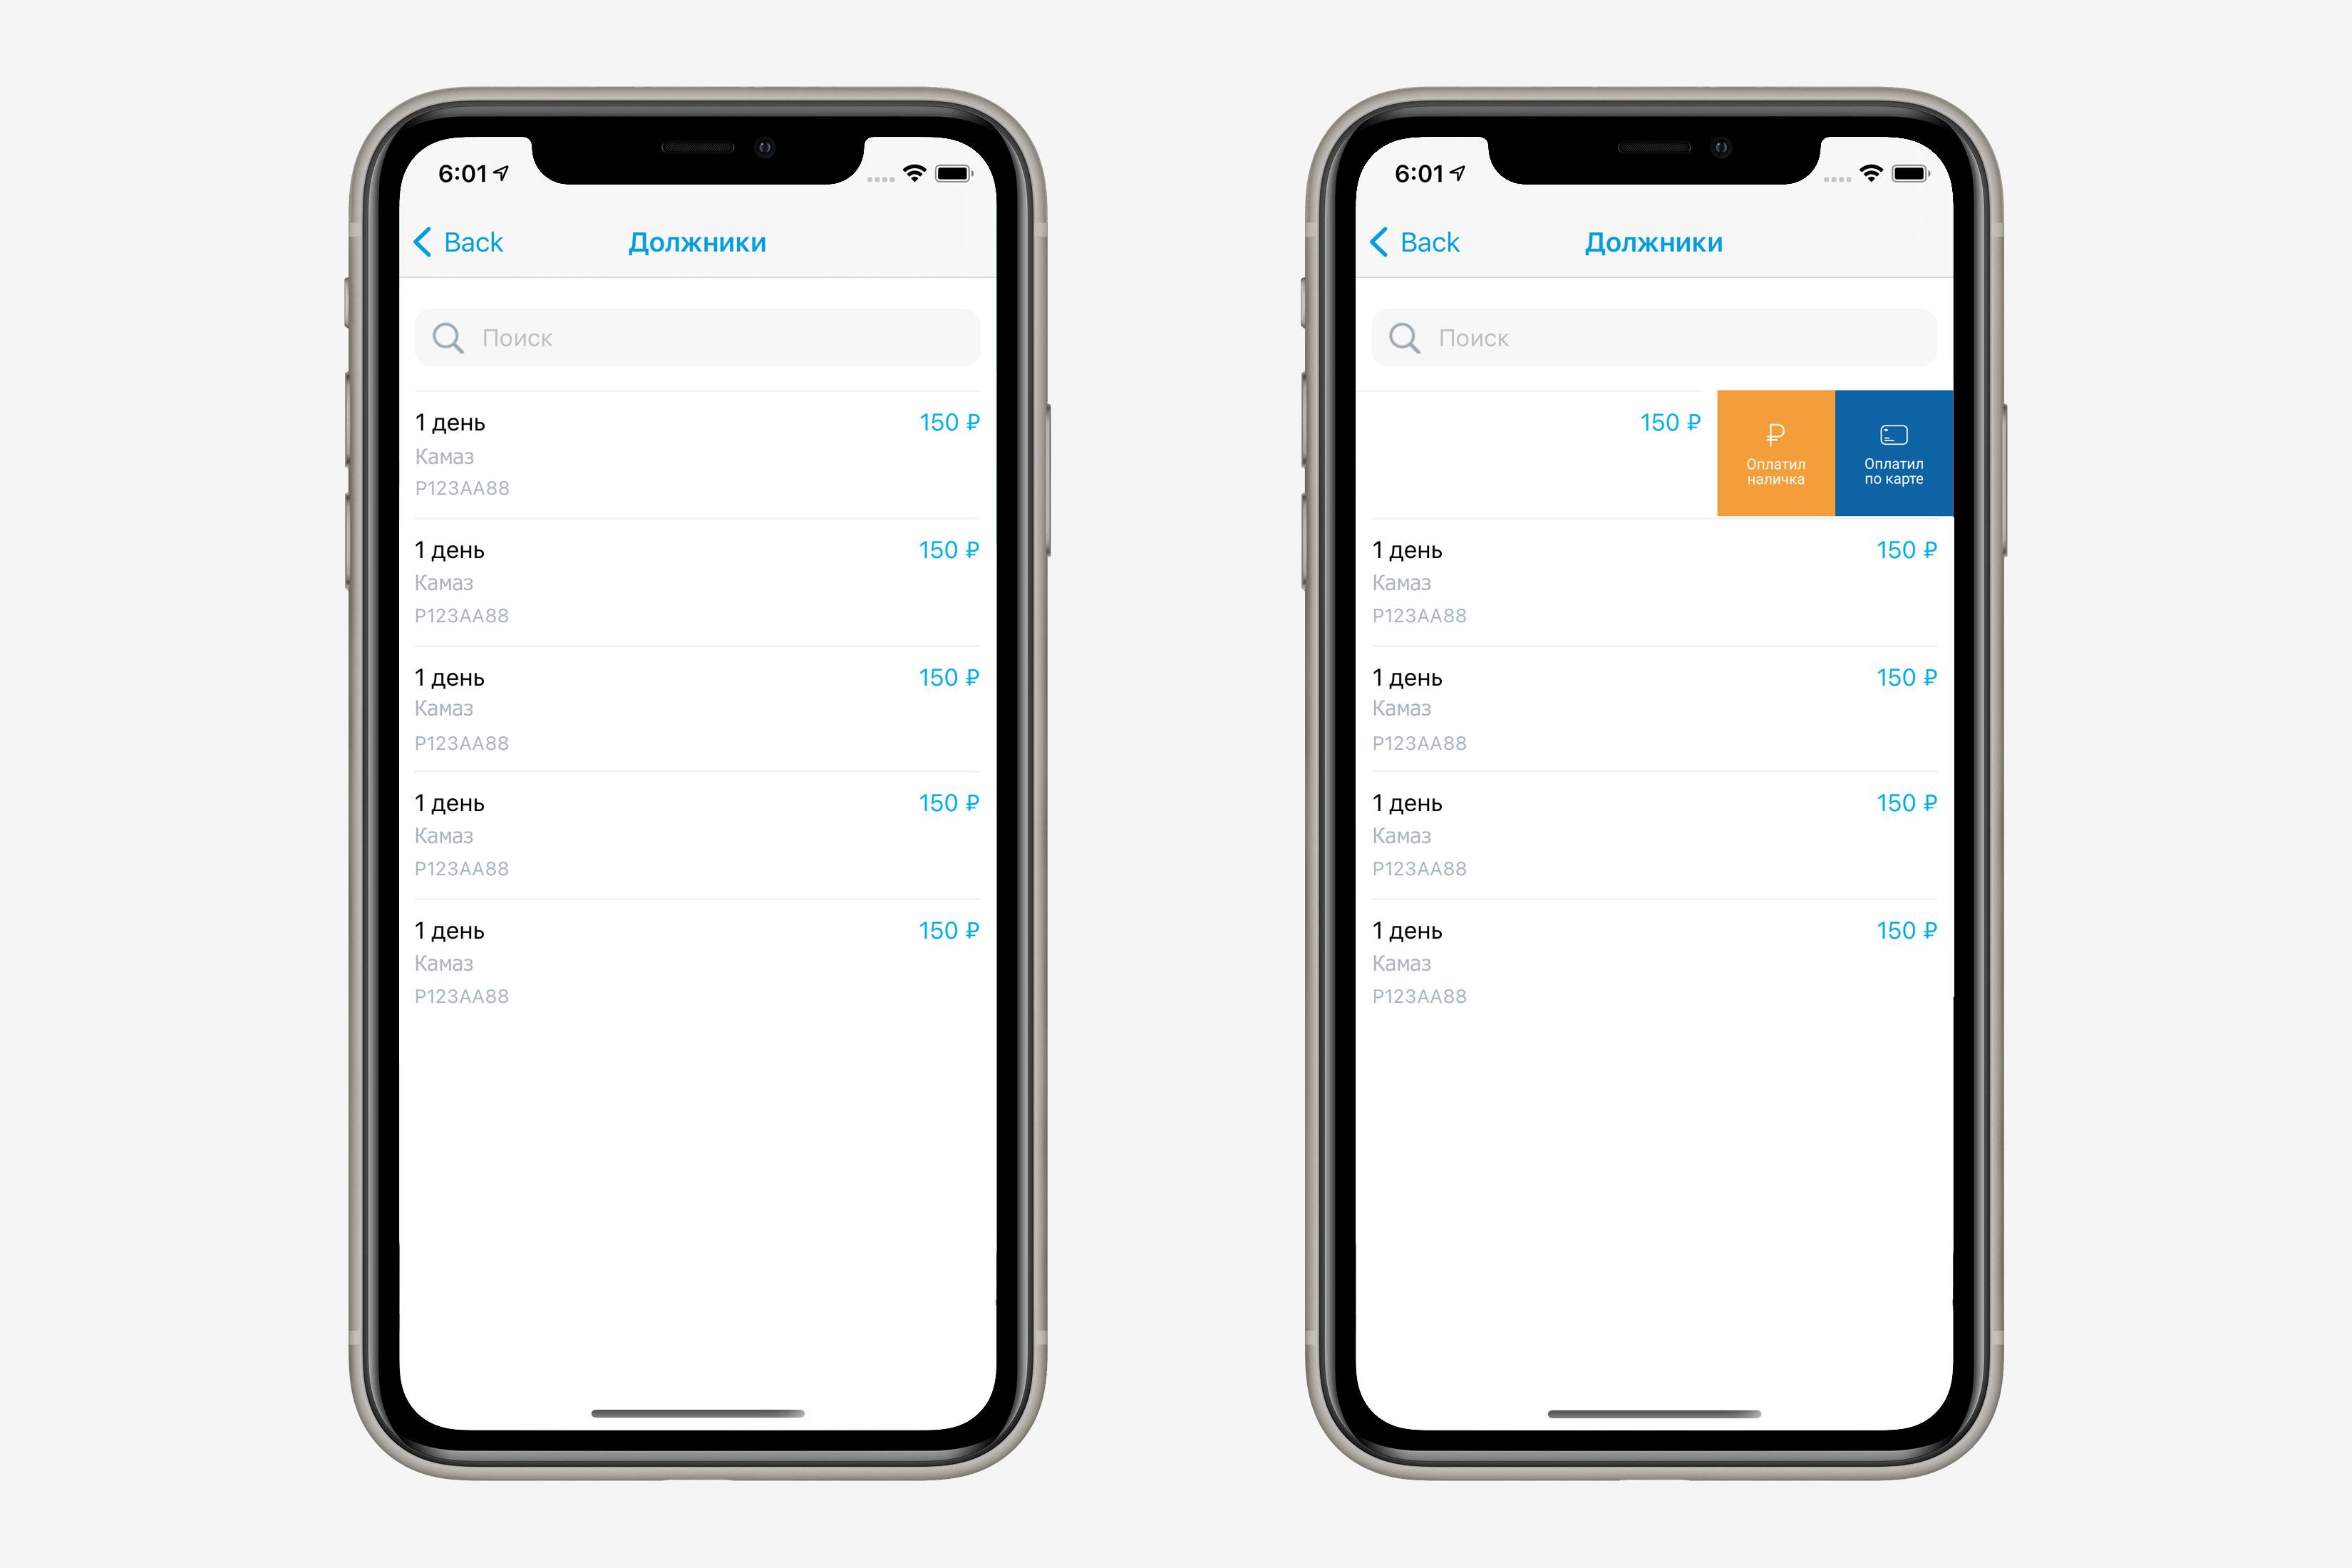 Раздел должники для стоянок в iOS